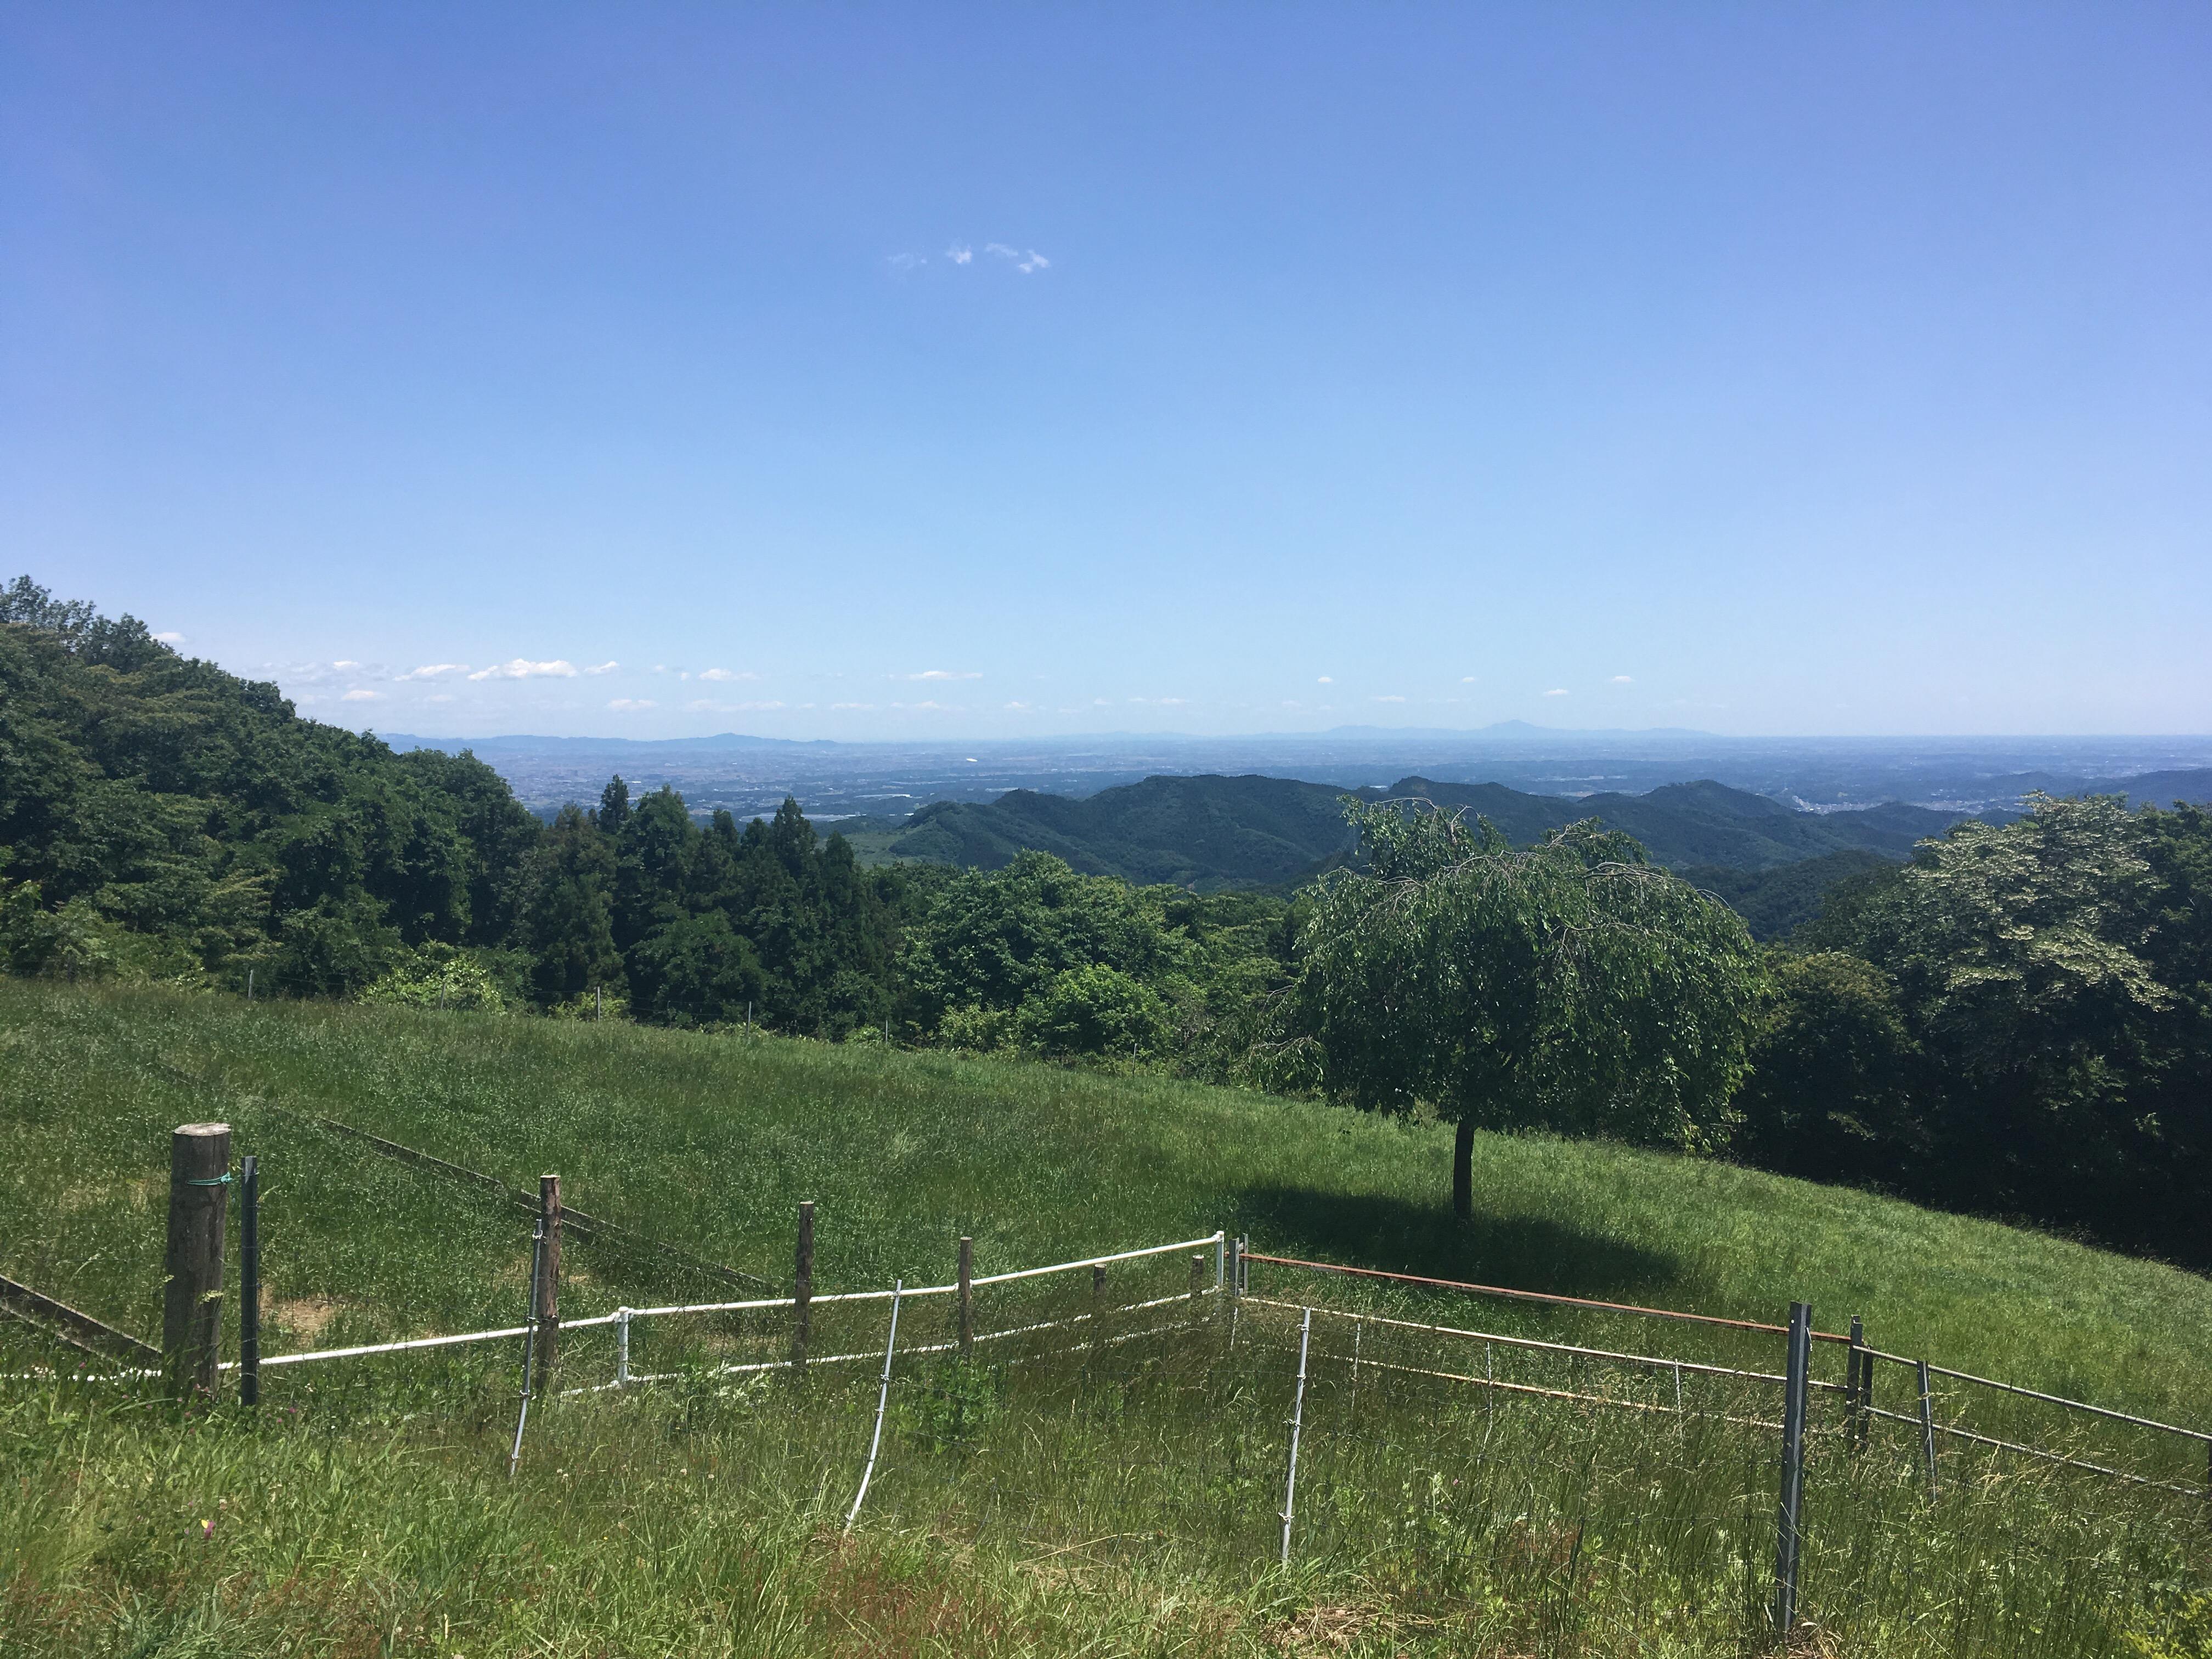 都内から一番近くの高原 秩父高原牧場に行ってみた。